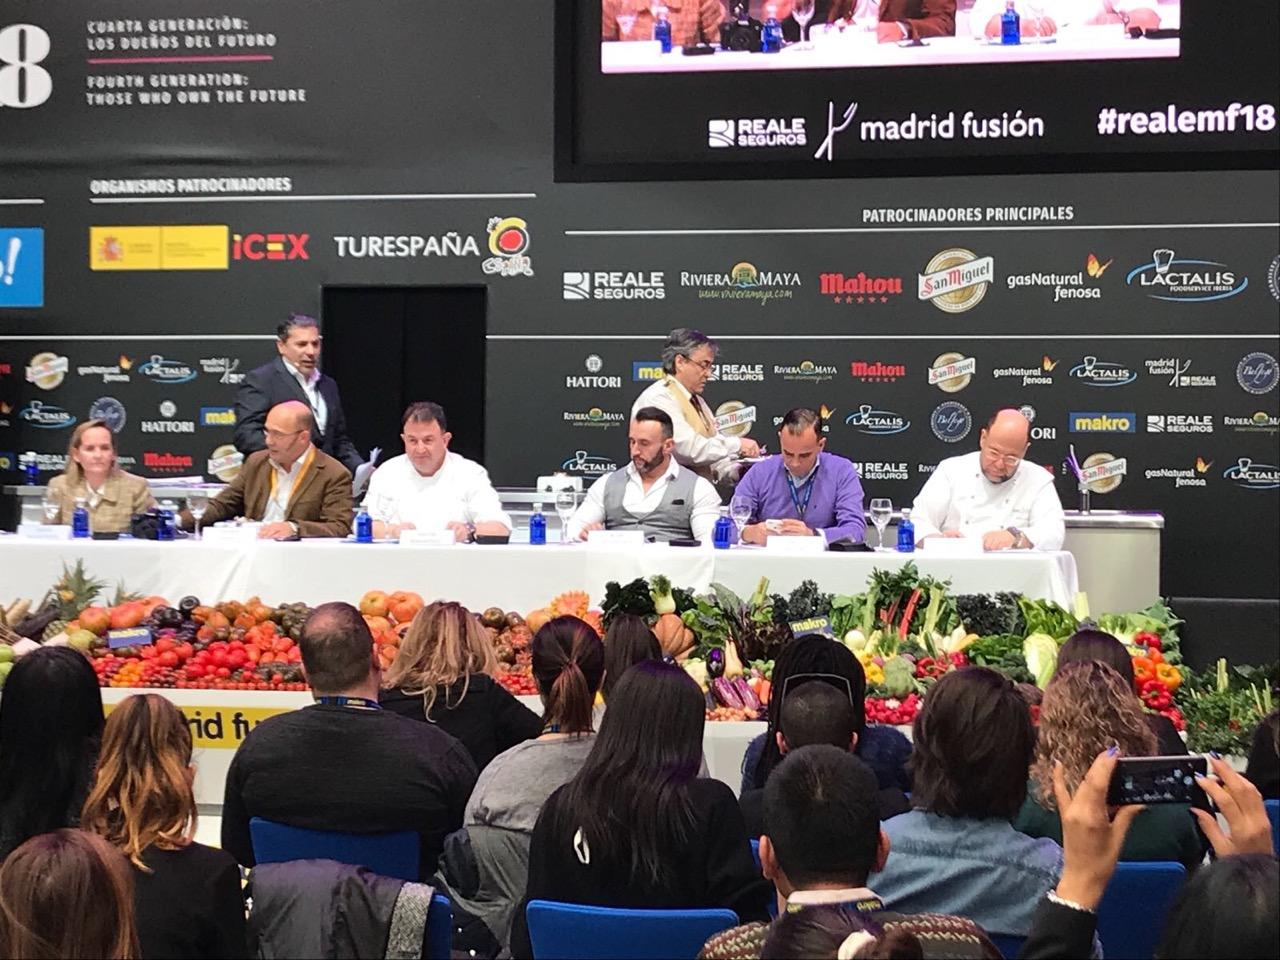 Pastelero-Premio-revelacion-2018-1-1